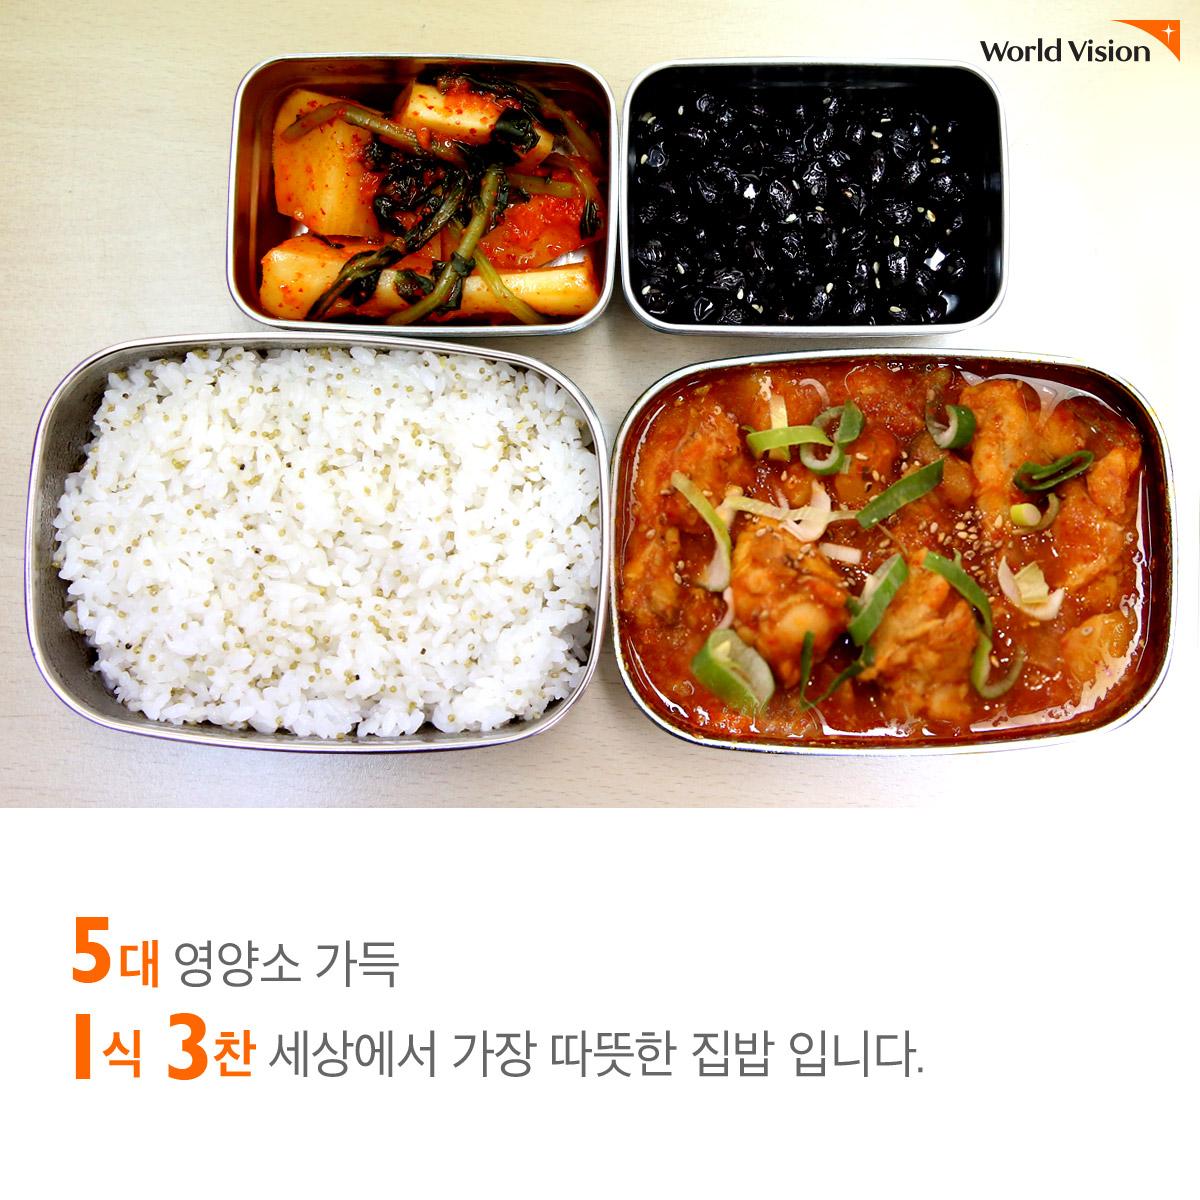 5대 영양소 가득 1식 3찬 세상에서 가장 따뜻한 집밥 입니다.